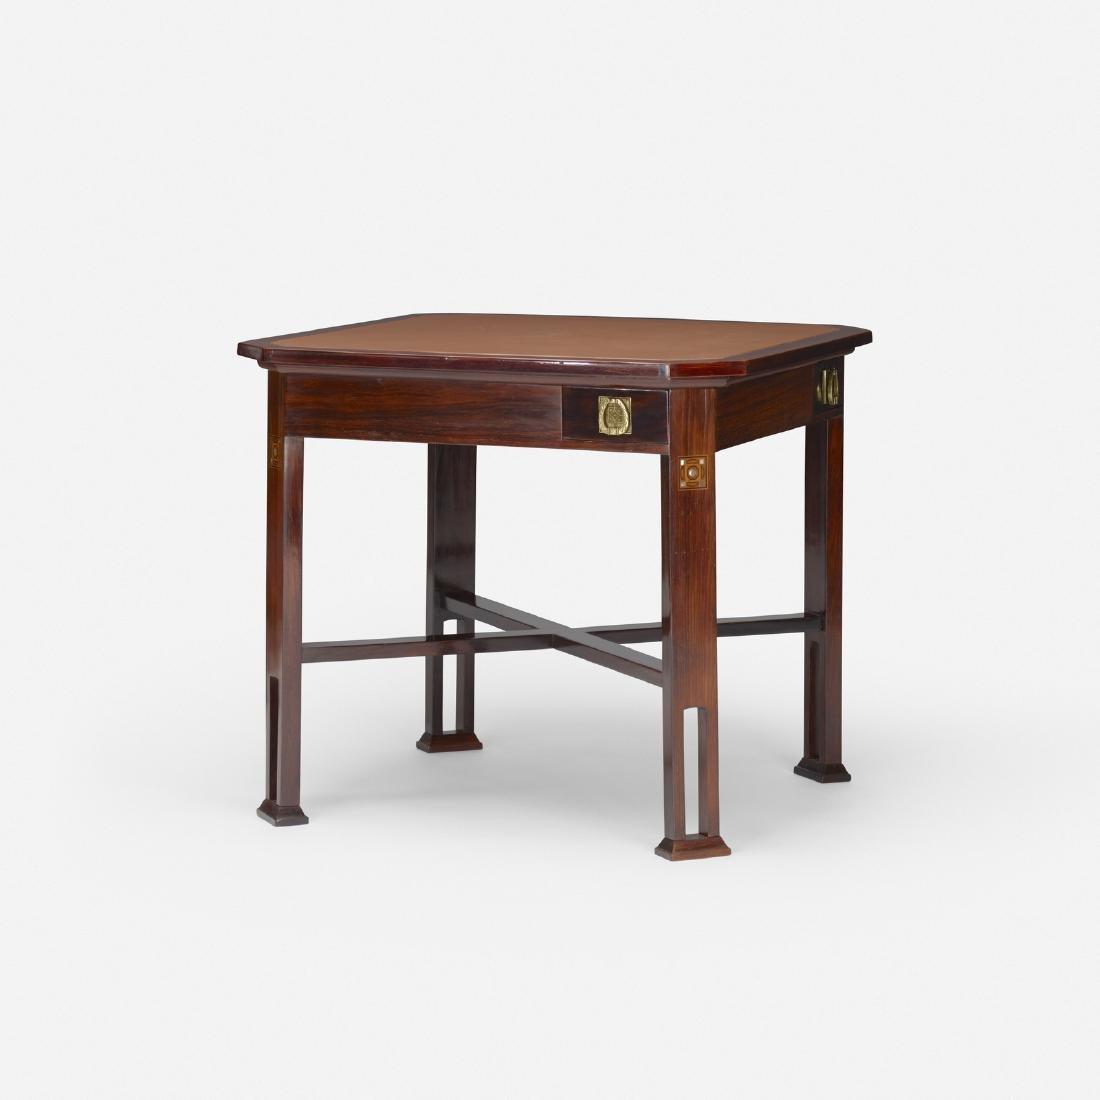 Jugendstil, game table